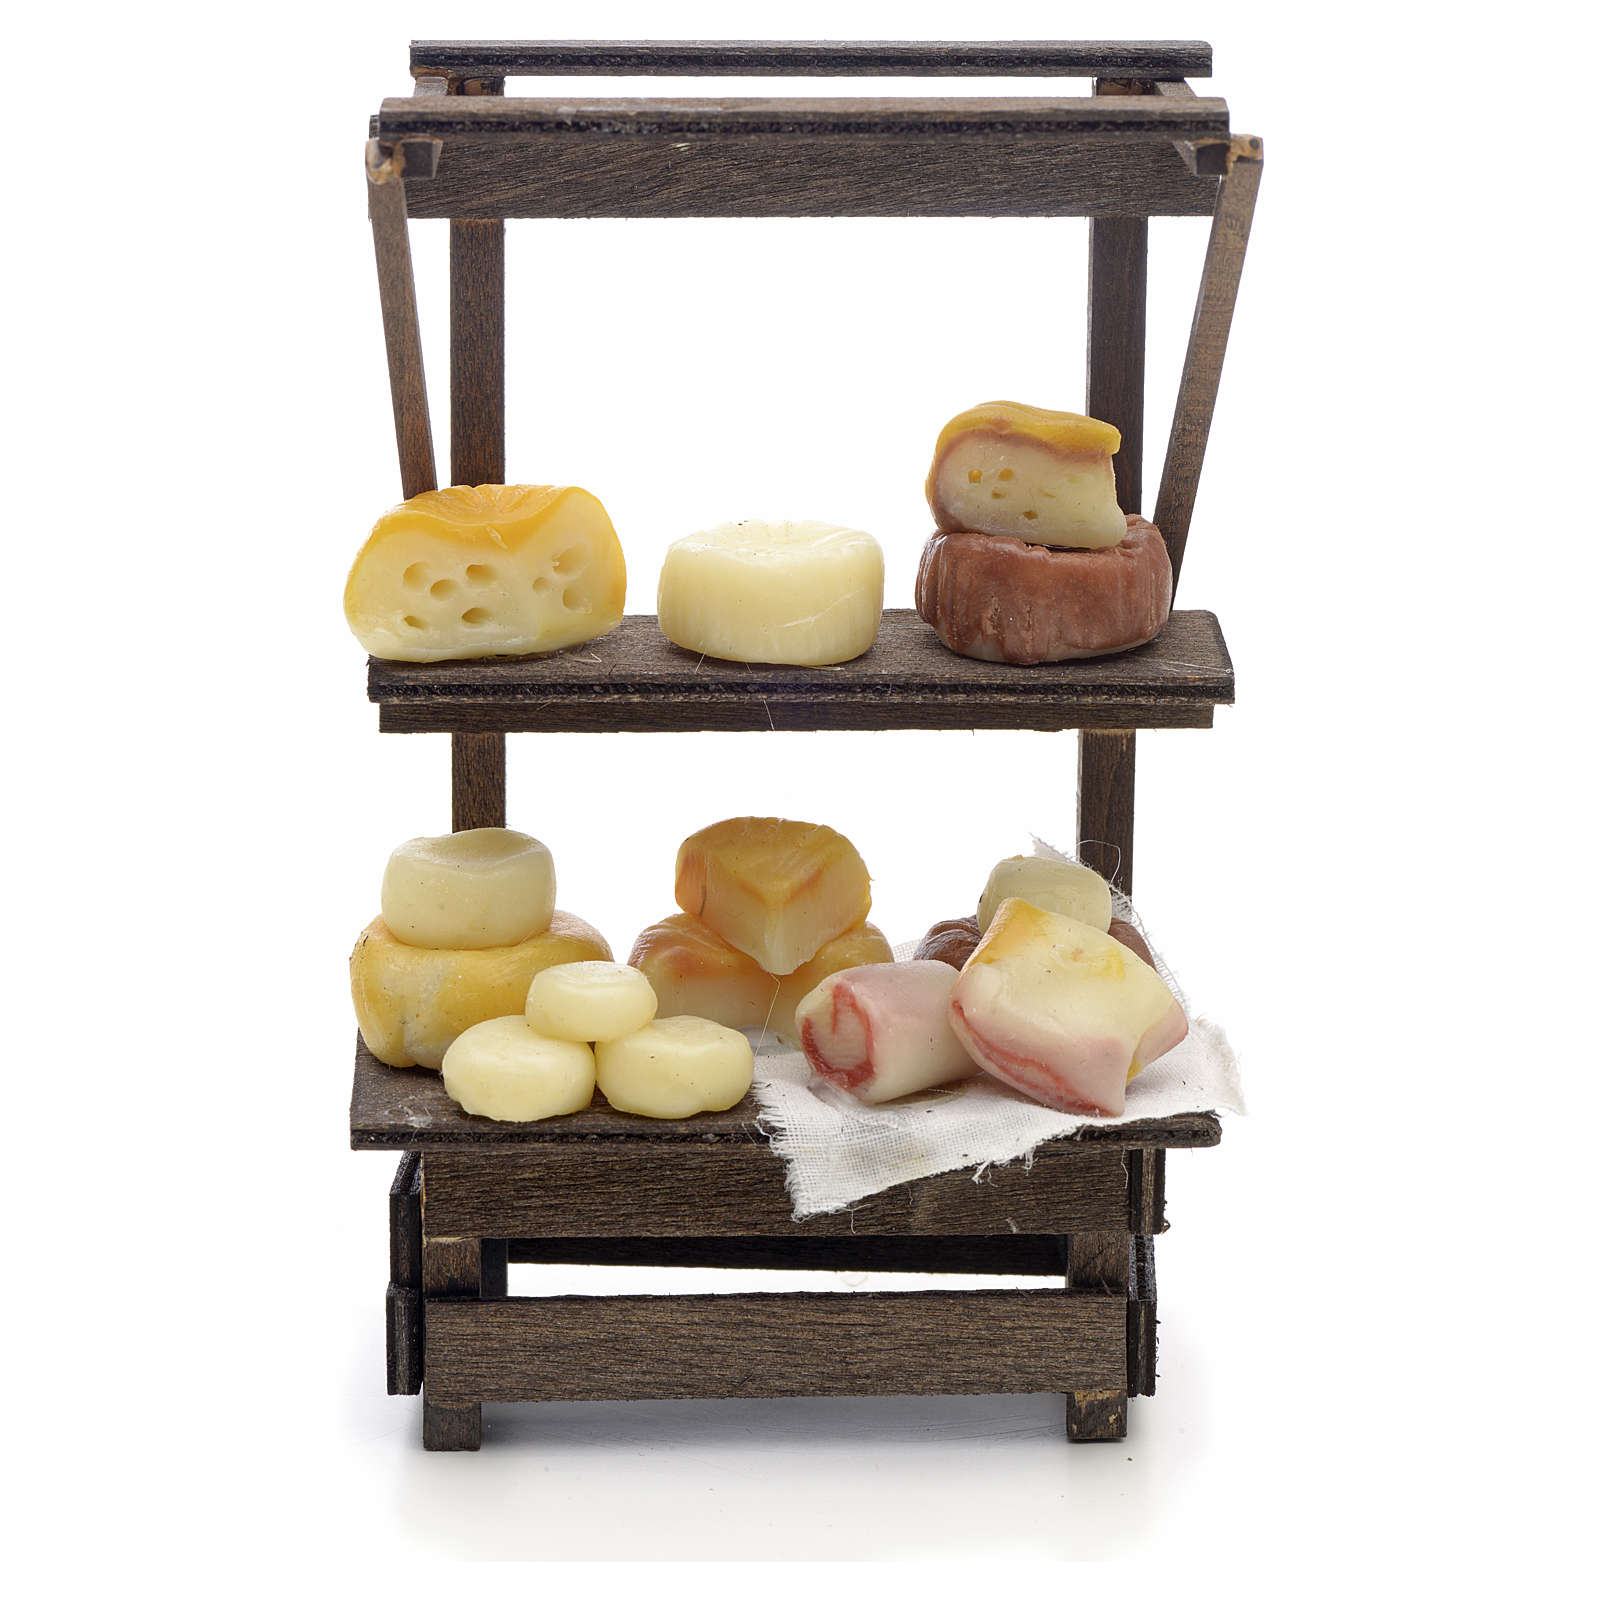 Banco formaggi e salumi presepe Napoli 4